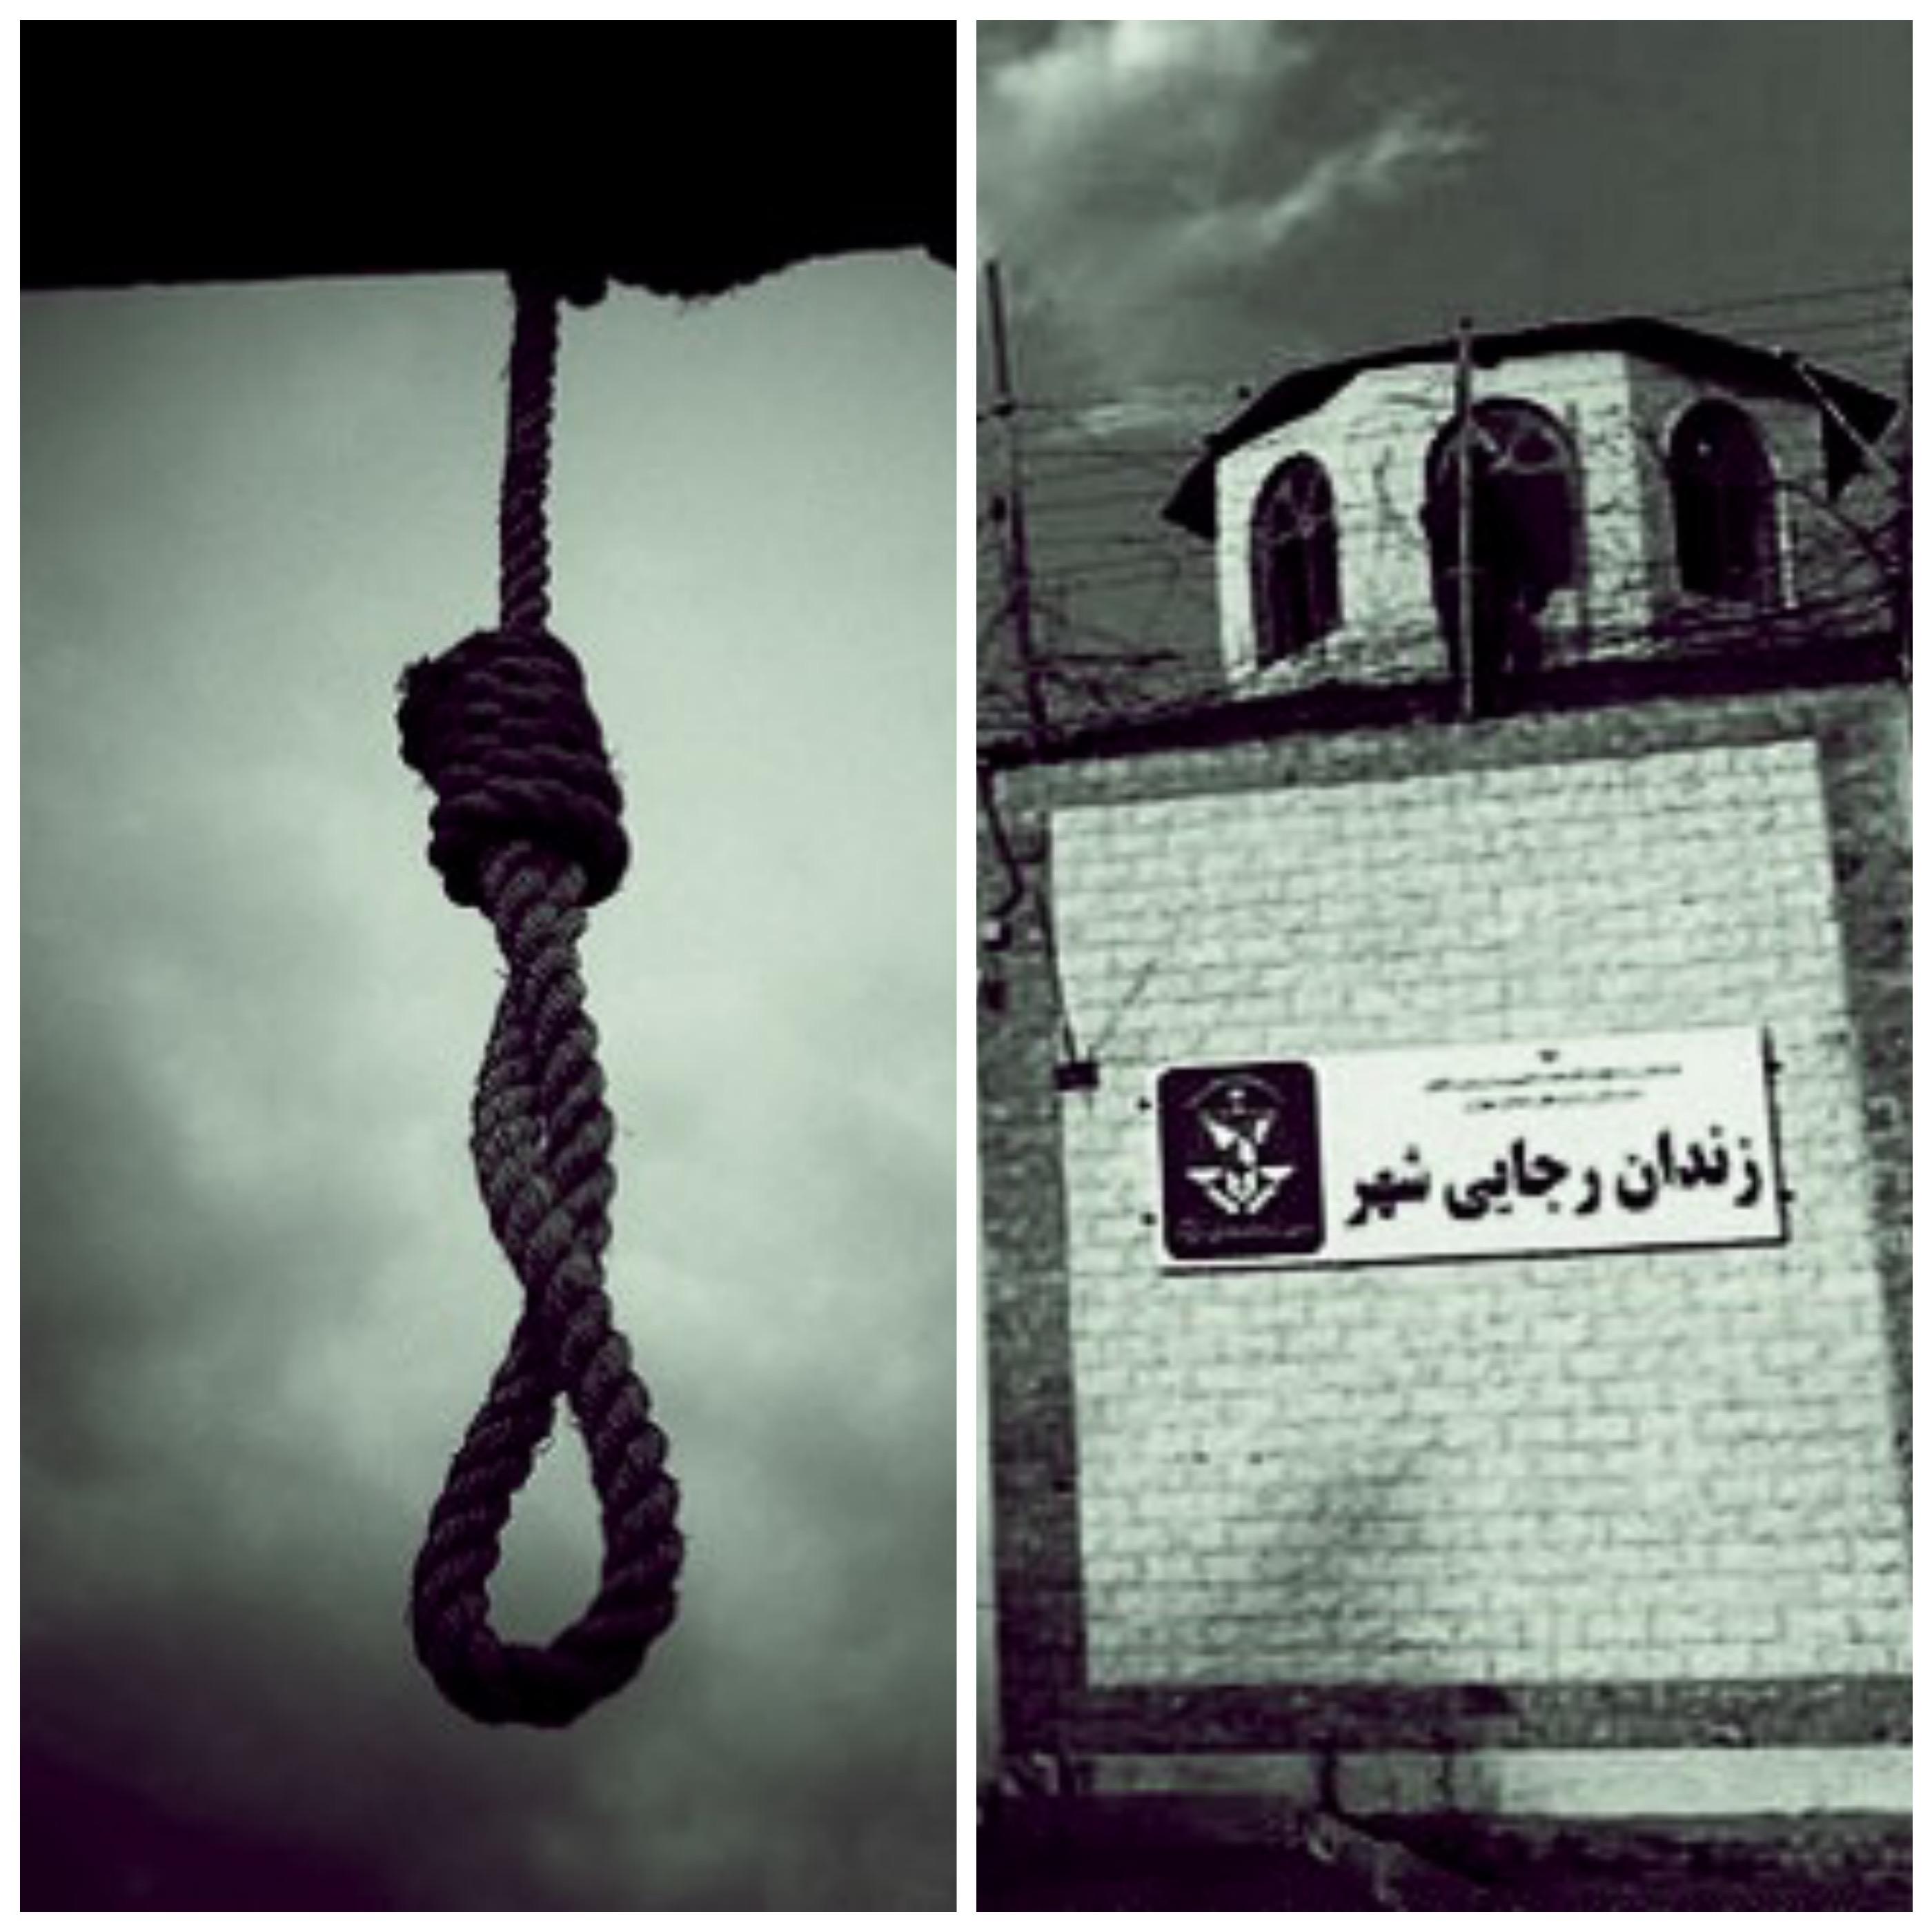 رجایی شهر؛ انتقال دستکم هفت زندانی به انفرادی جهت اجرای حکم اعدام